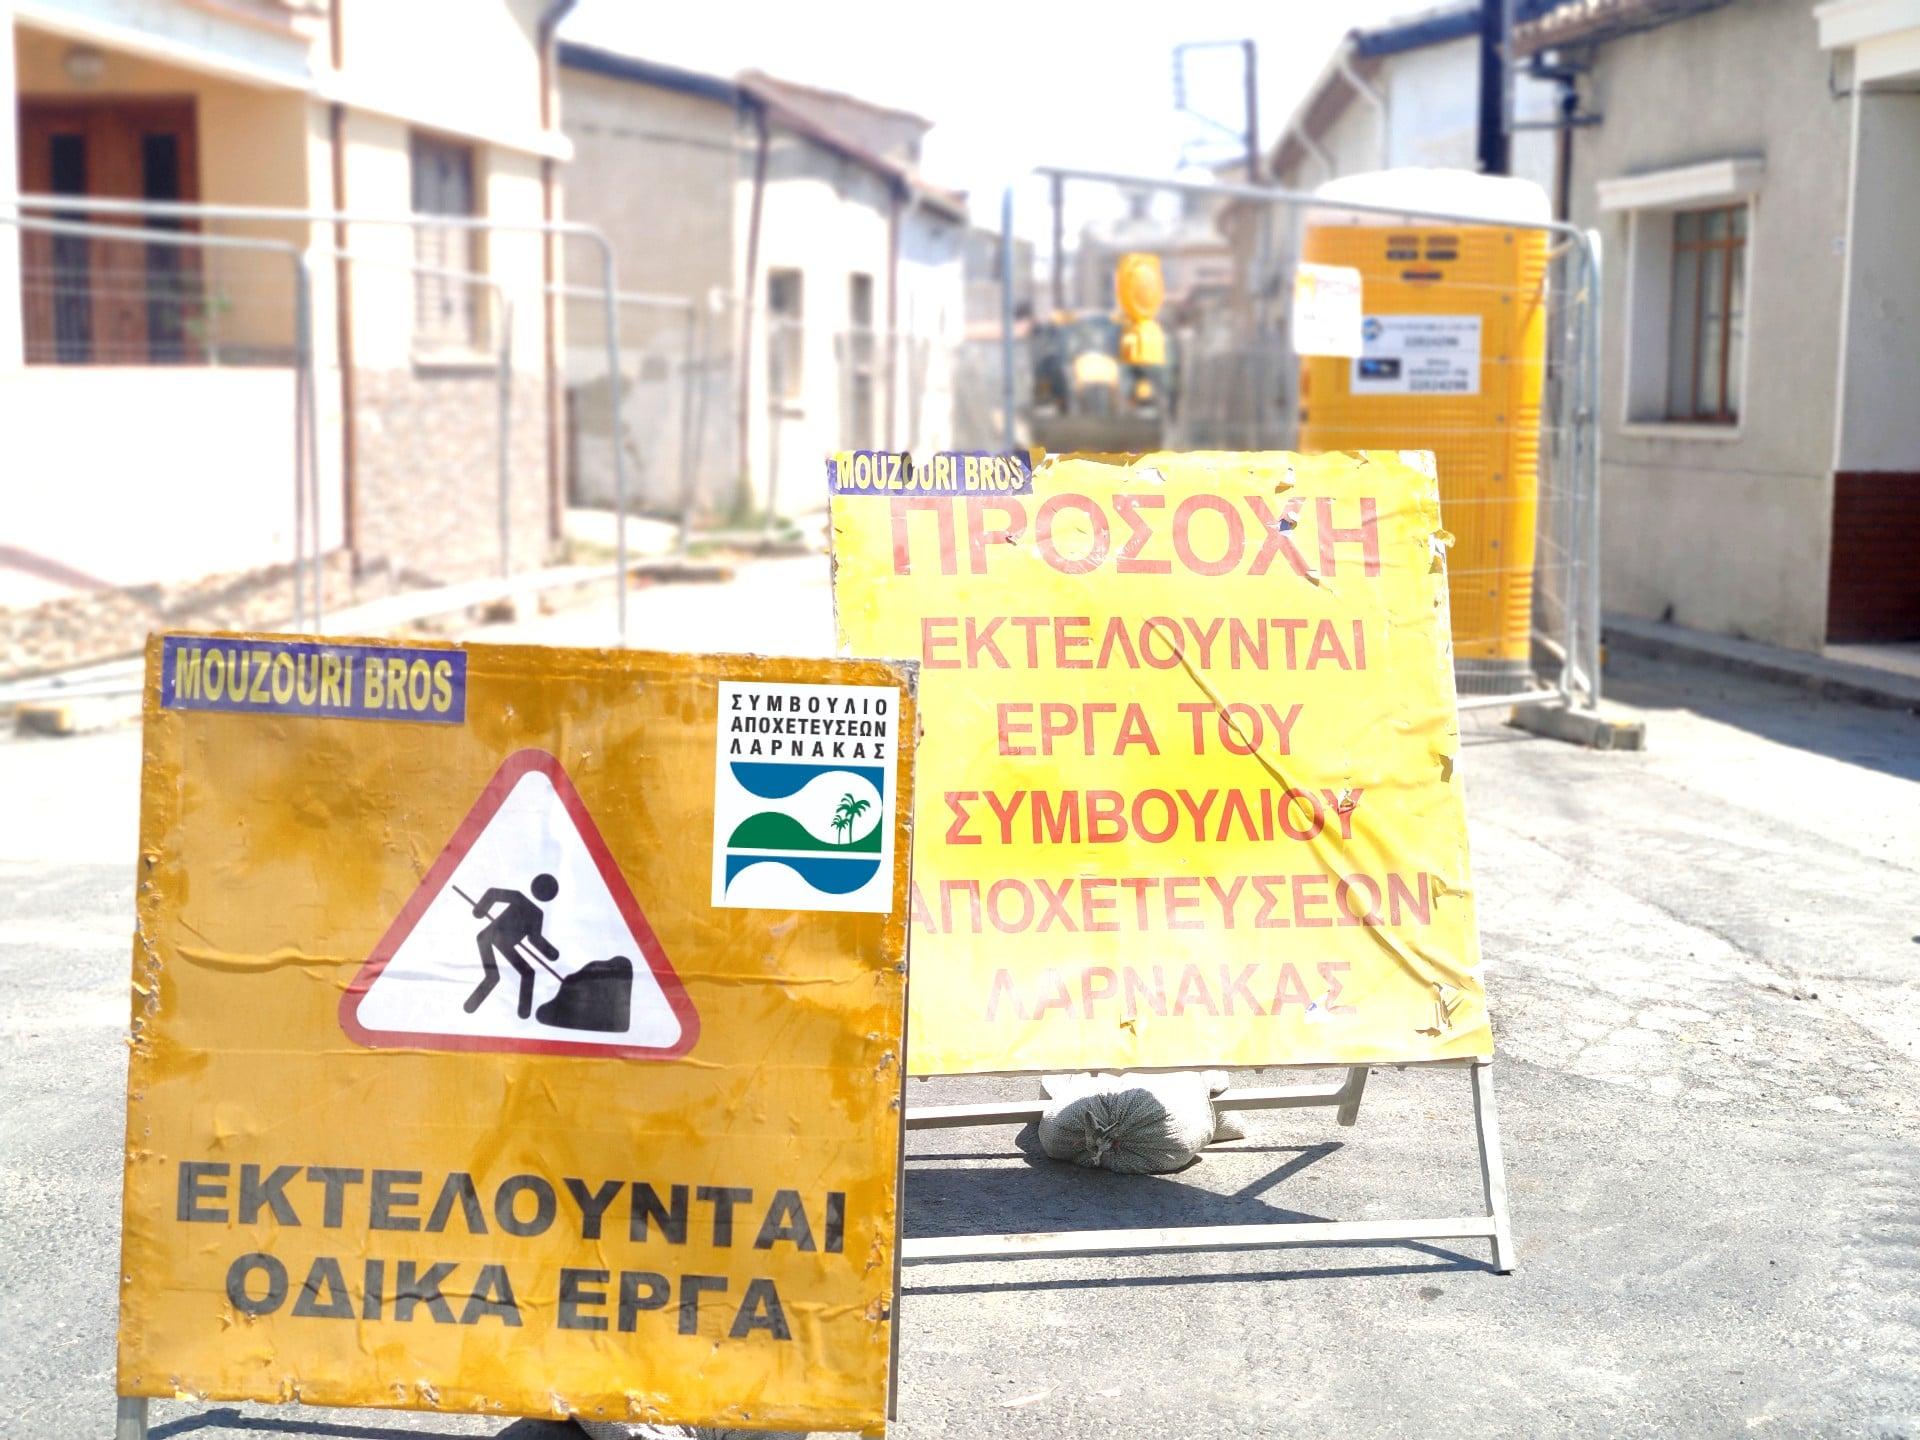 Δείτε ποιοι δρόμοι παραμένουν κλειστοί αυτή την εβδομάδα στη Λάρνακα λόγω κατασκευαστικών έργων